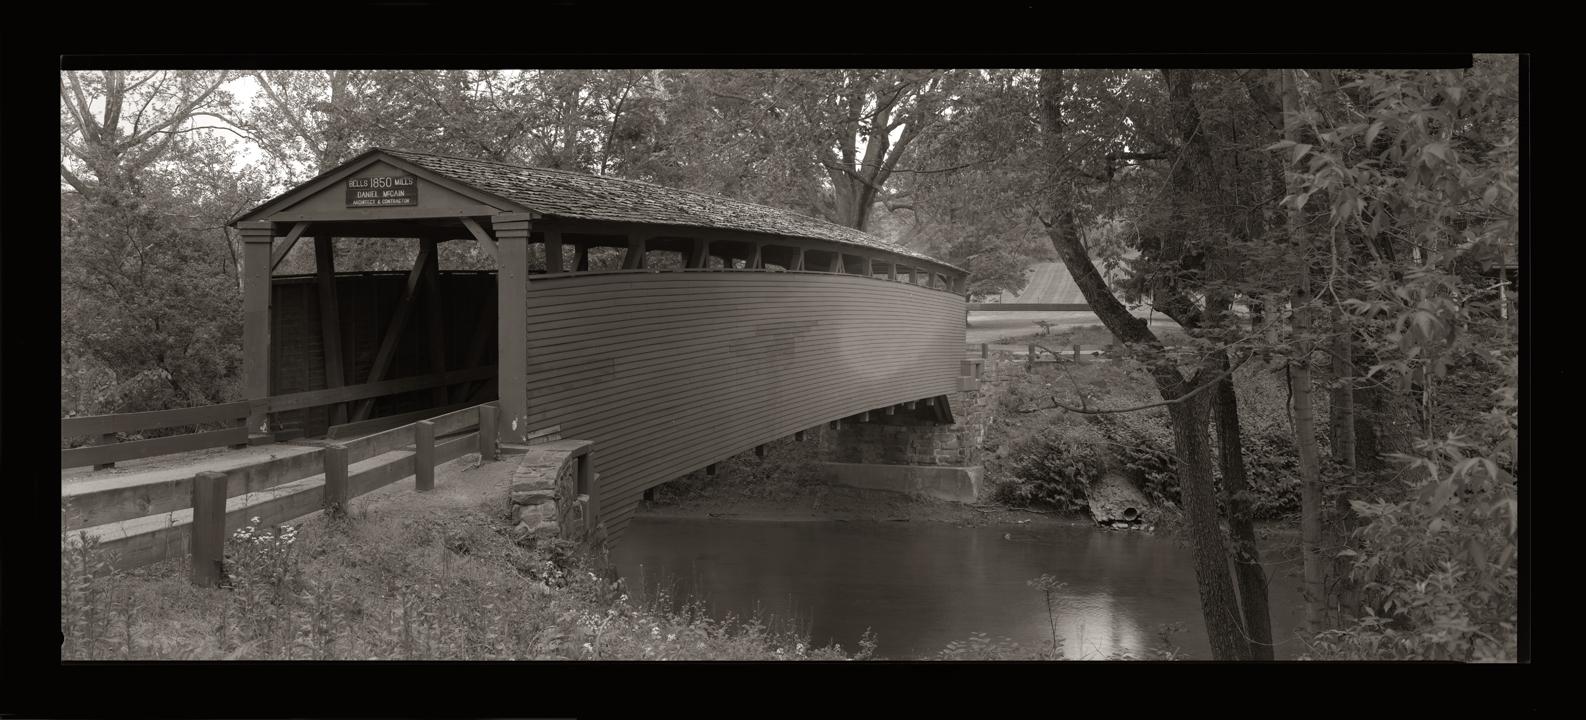 """Cykl """"Panoramiczny dziennik podróżny"""": """"Westmoreland County, Pennsylvania, 2009"""", fot. Andrzej Jerzy Lech"""